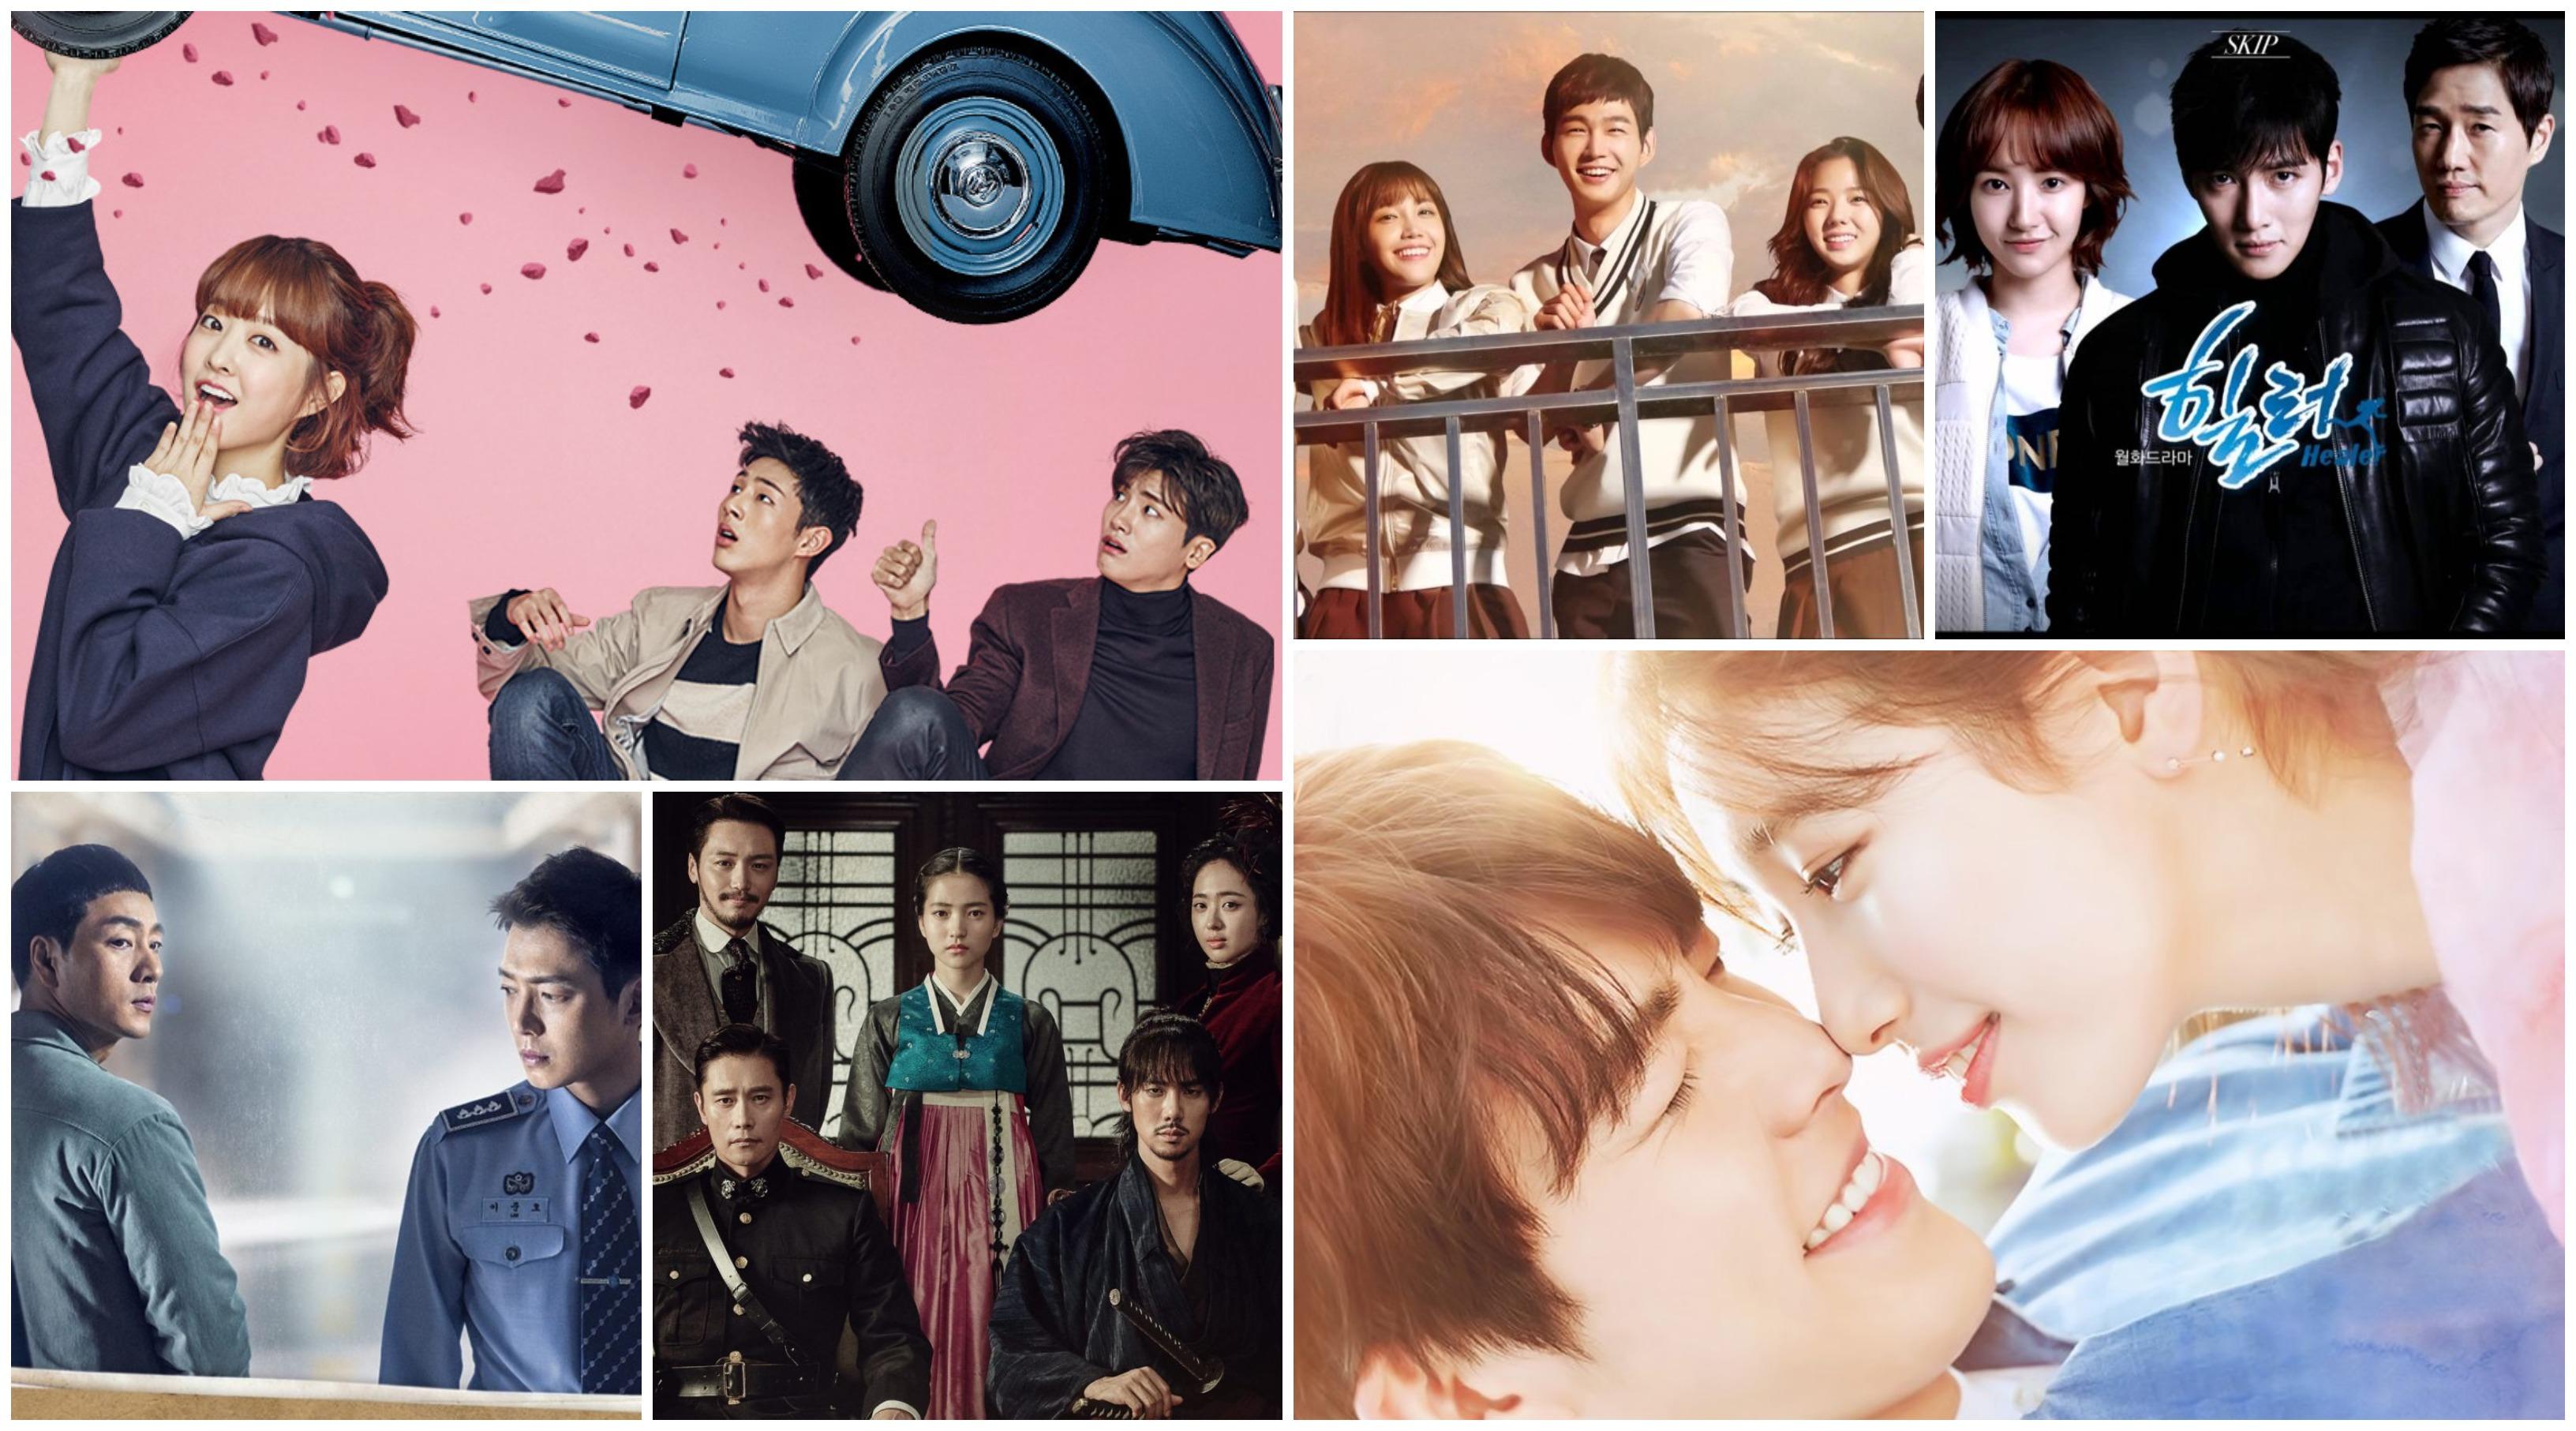 Netflixte şu Anda Izleyebileceğiniz En Iyi 10 Kore Dizisi Ağustos